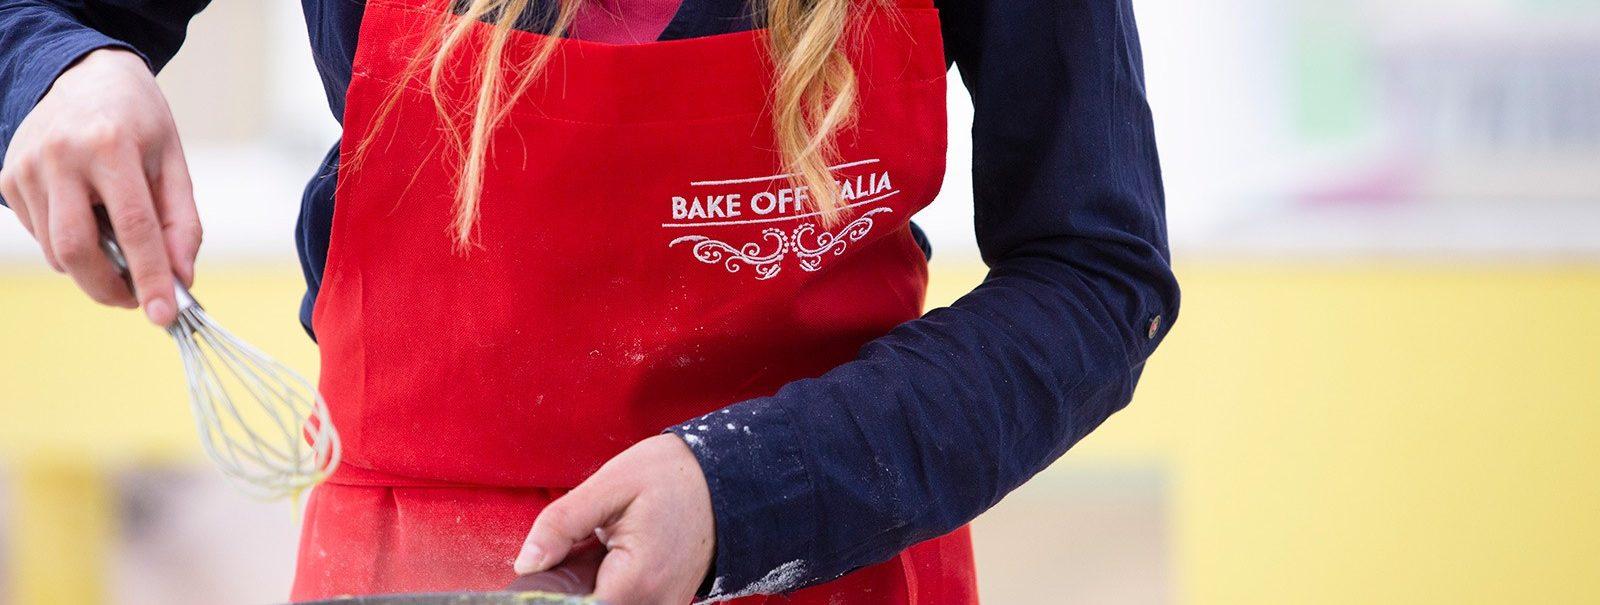 bake_off_casting